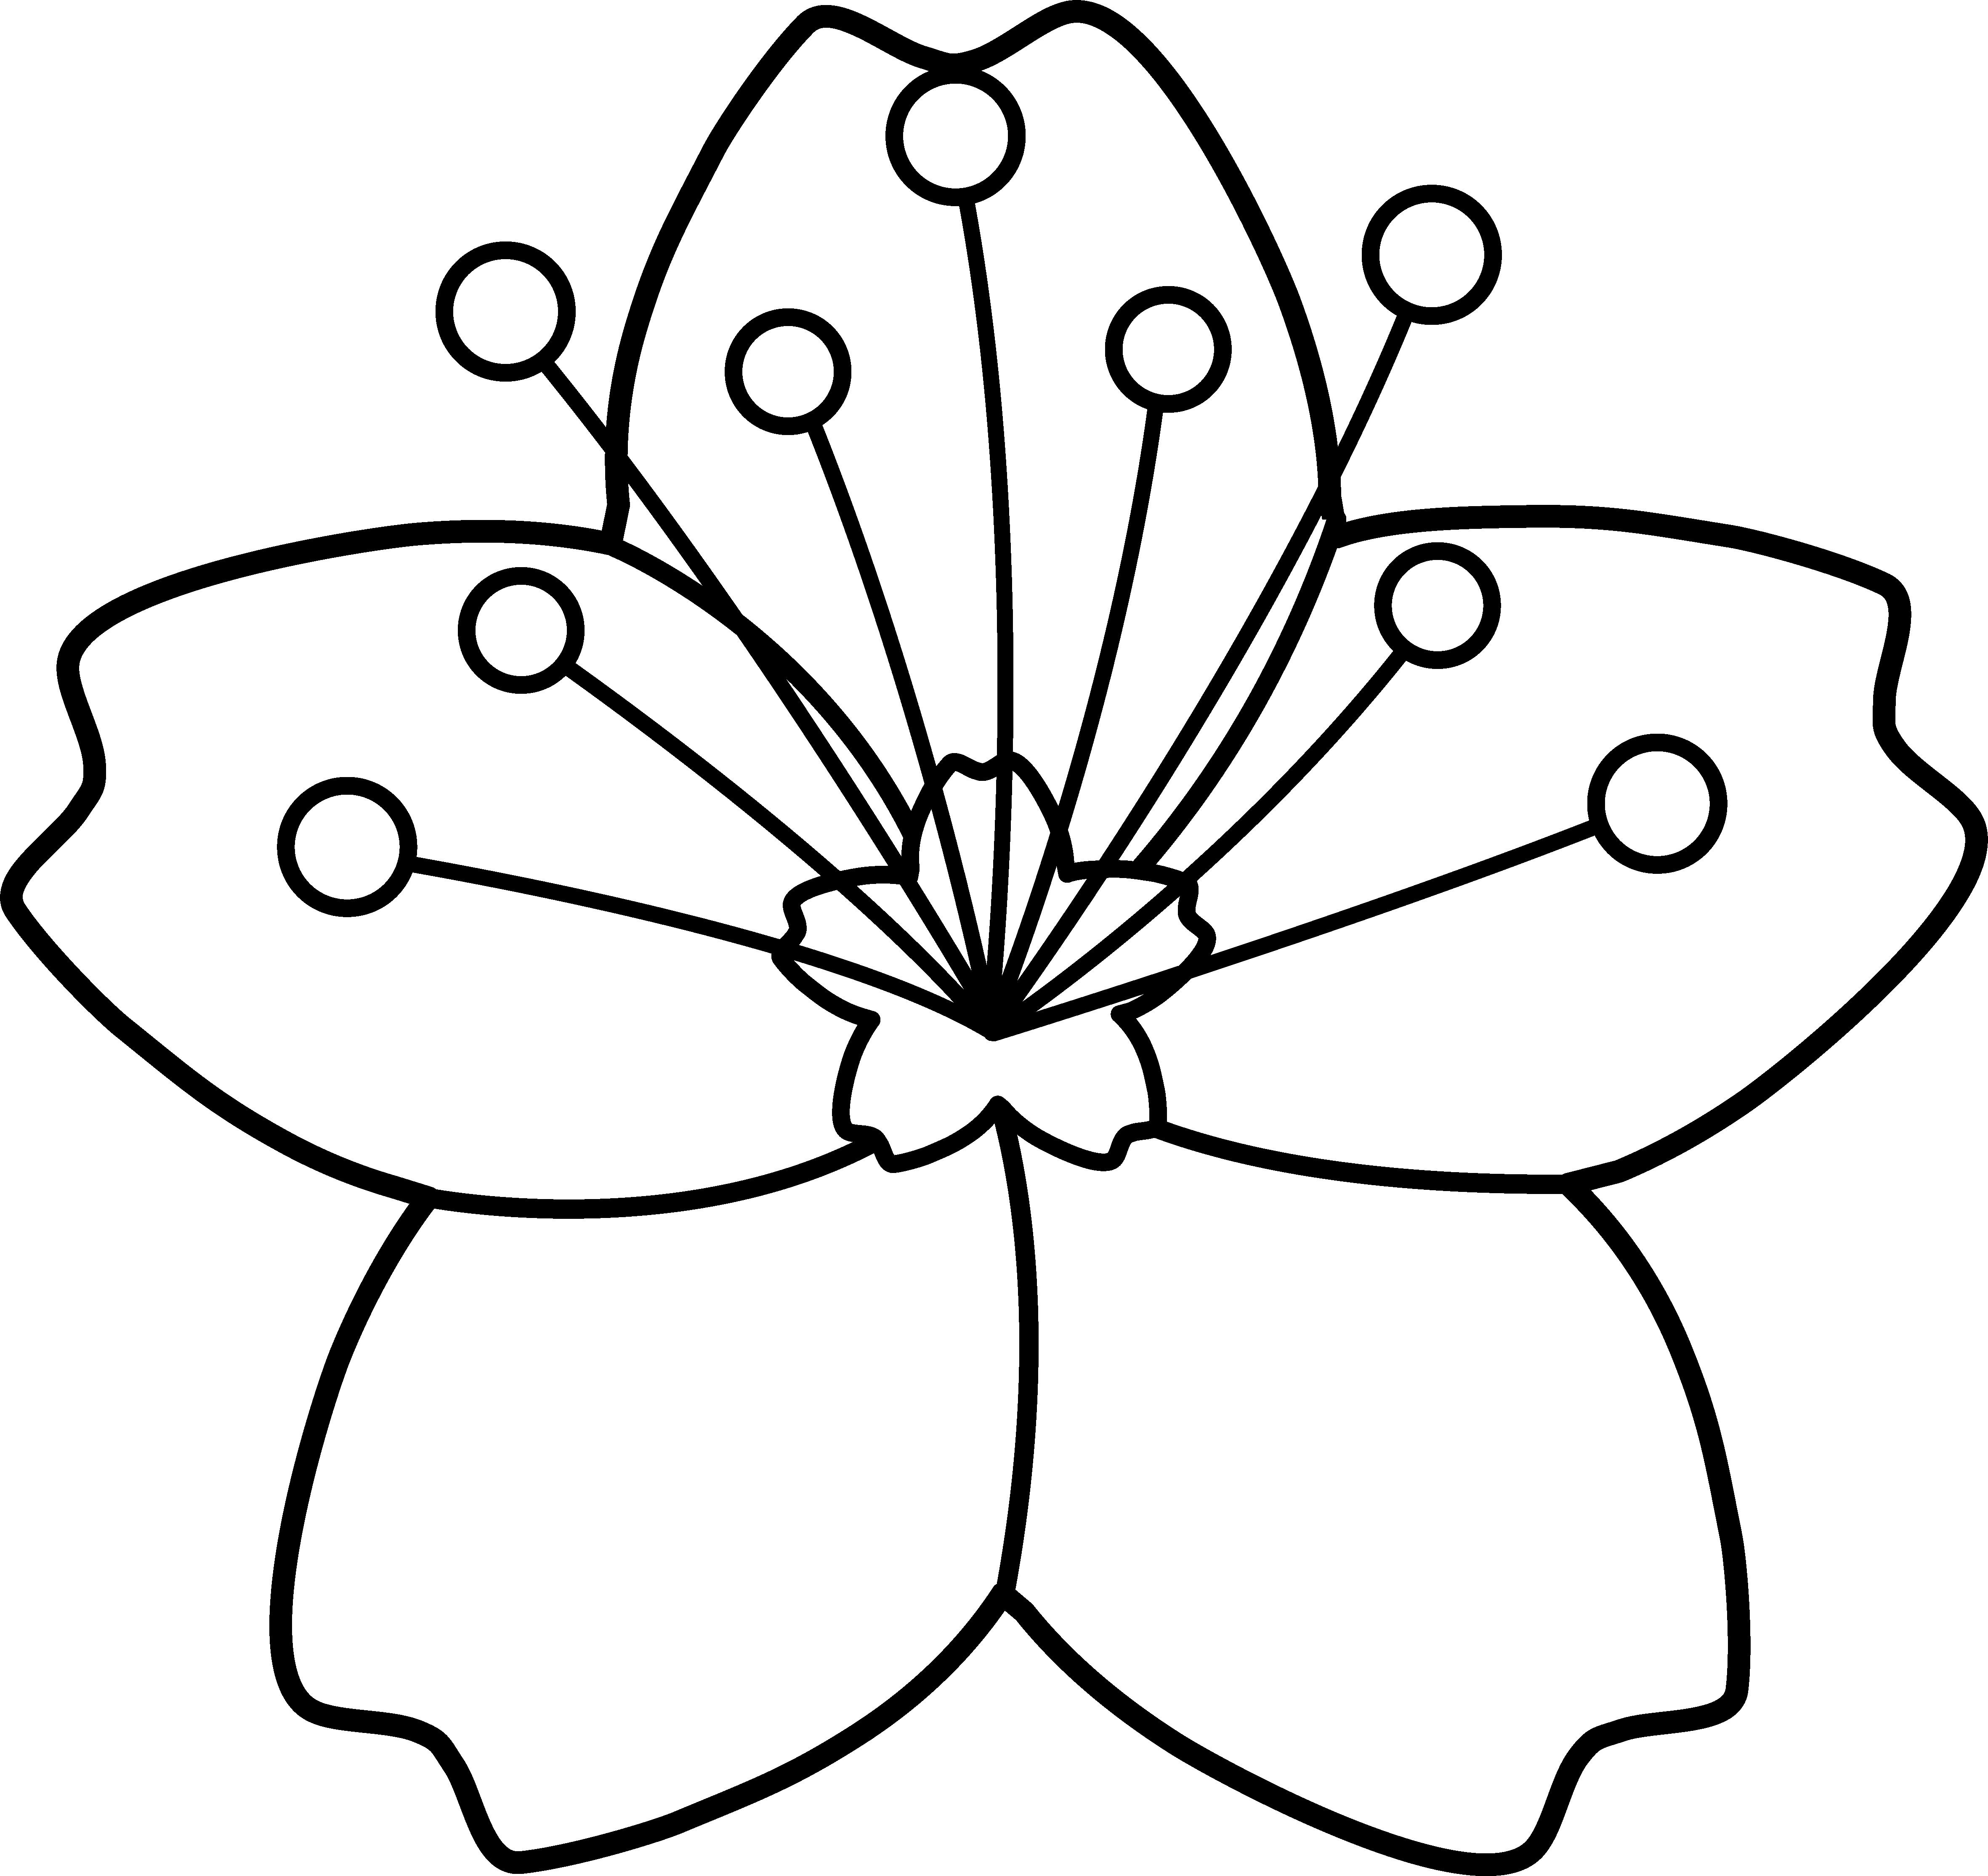 Cherry Blossom Line Art - Free Clip Art